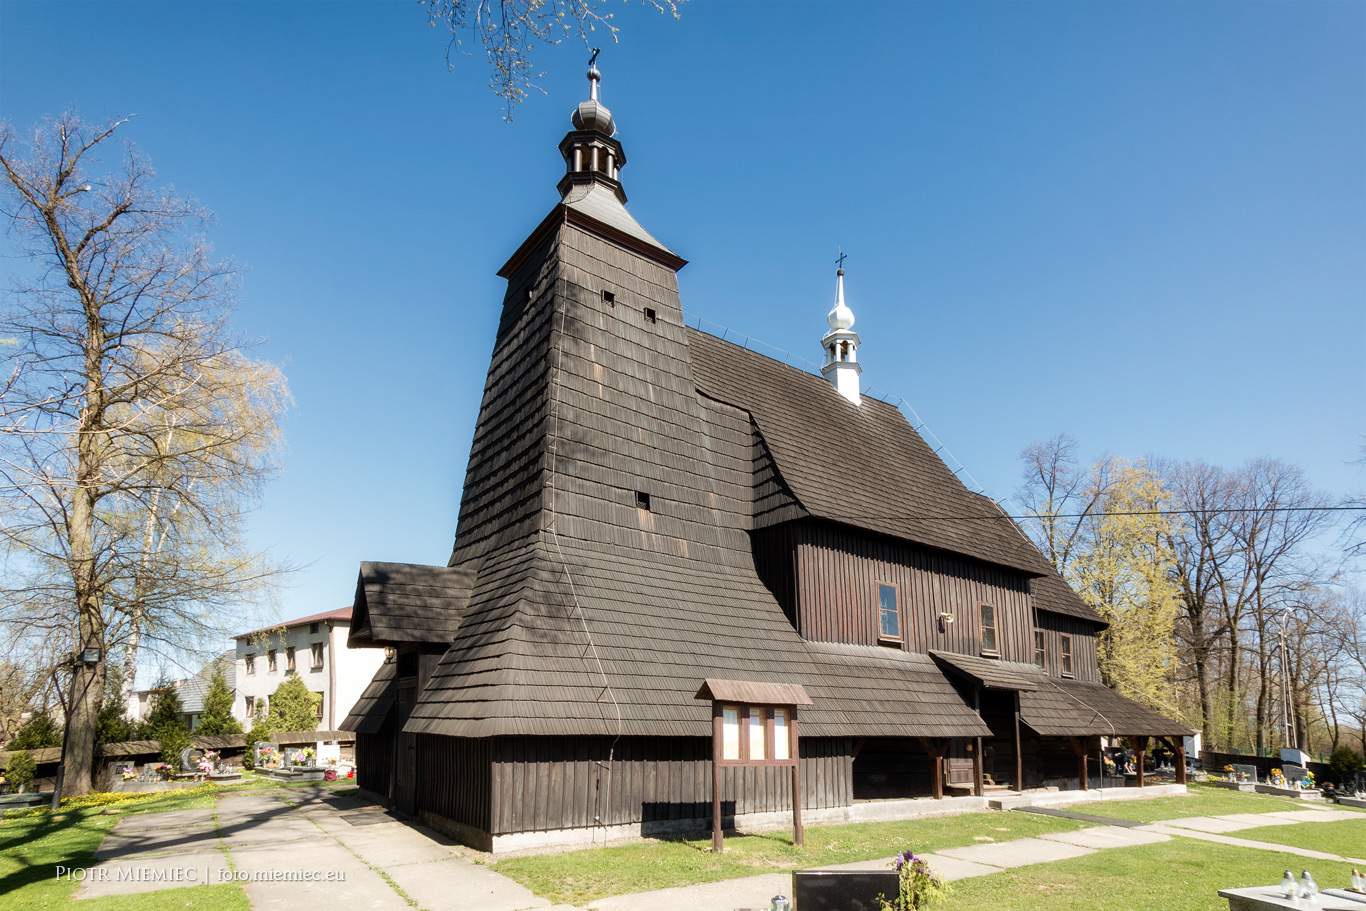 Grzawa kościół IMG_7276